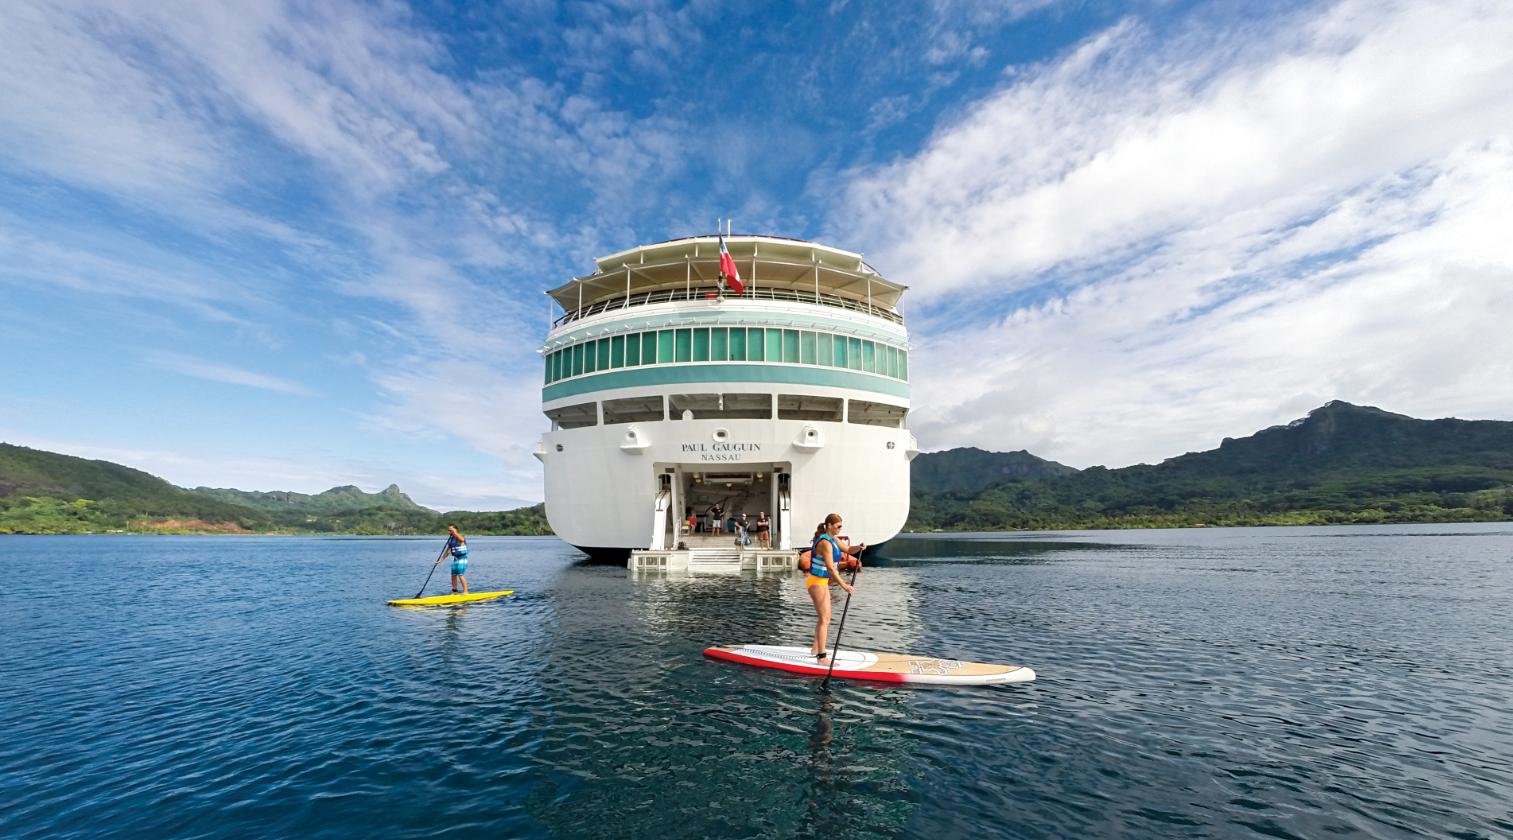 2019-09-24_1141_cruise-paddle